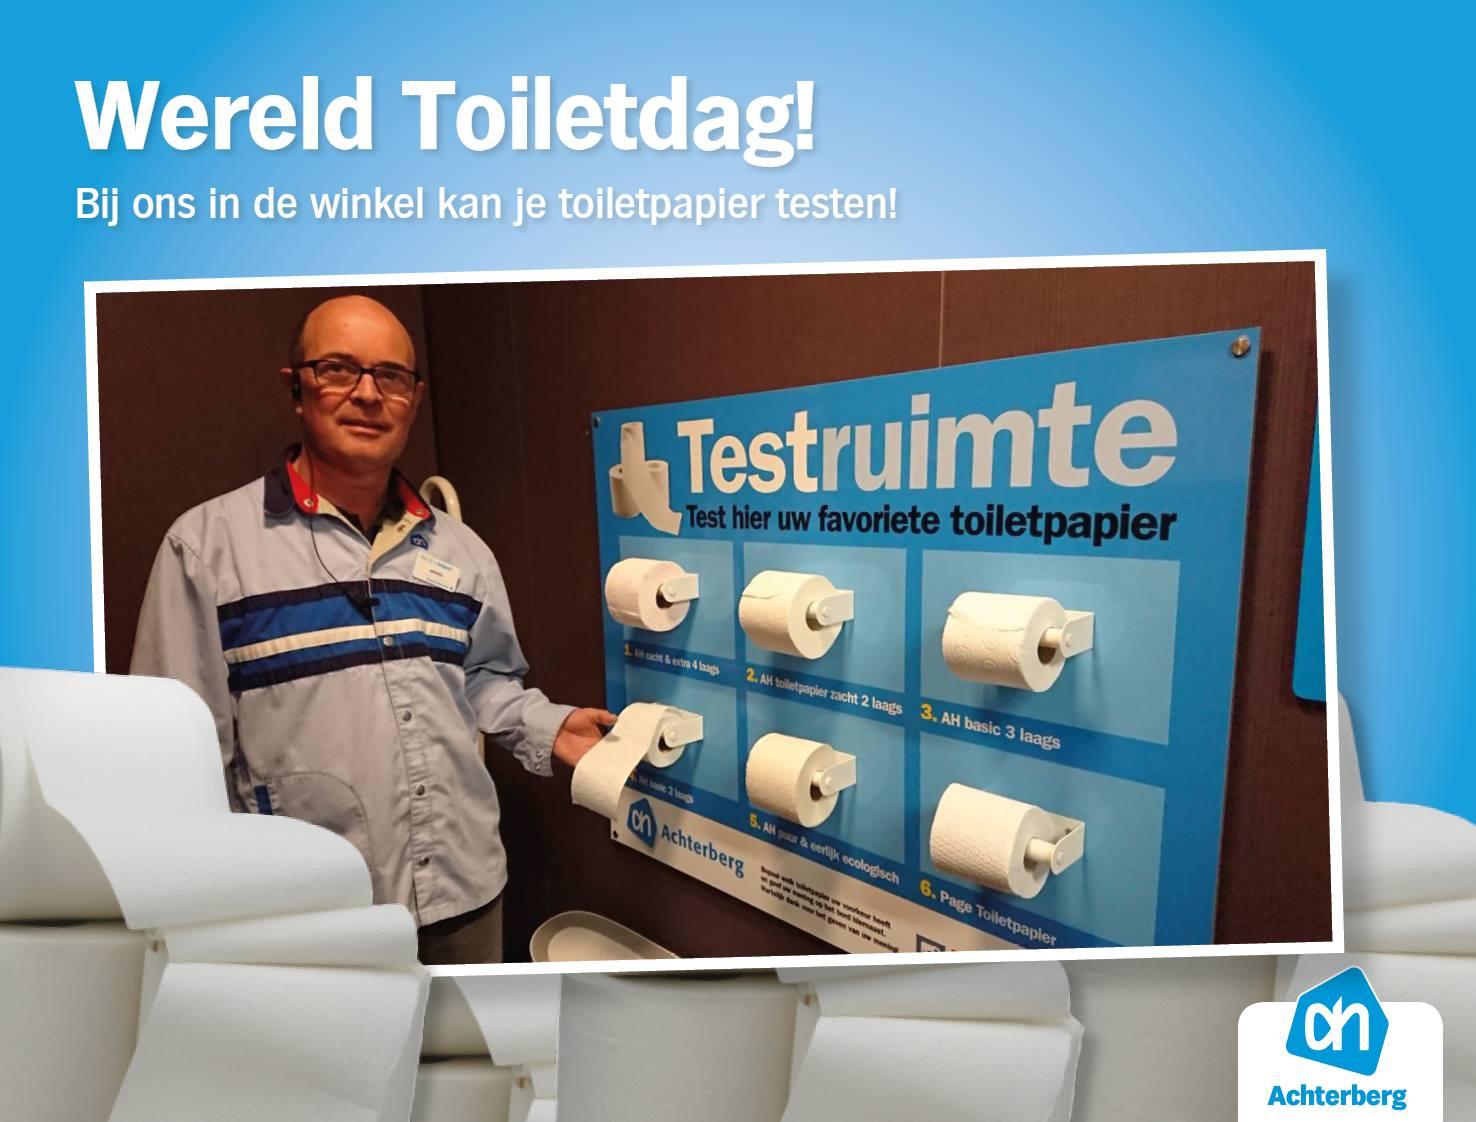 Wereld Toiletdag! Bij ons in de winkel kan je toiletpapier testen!